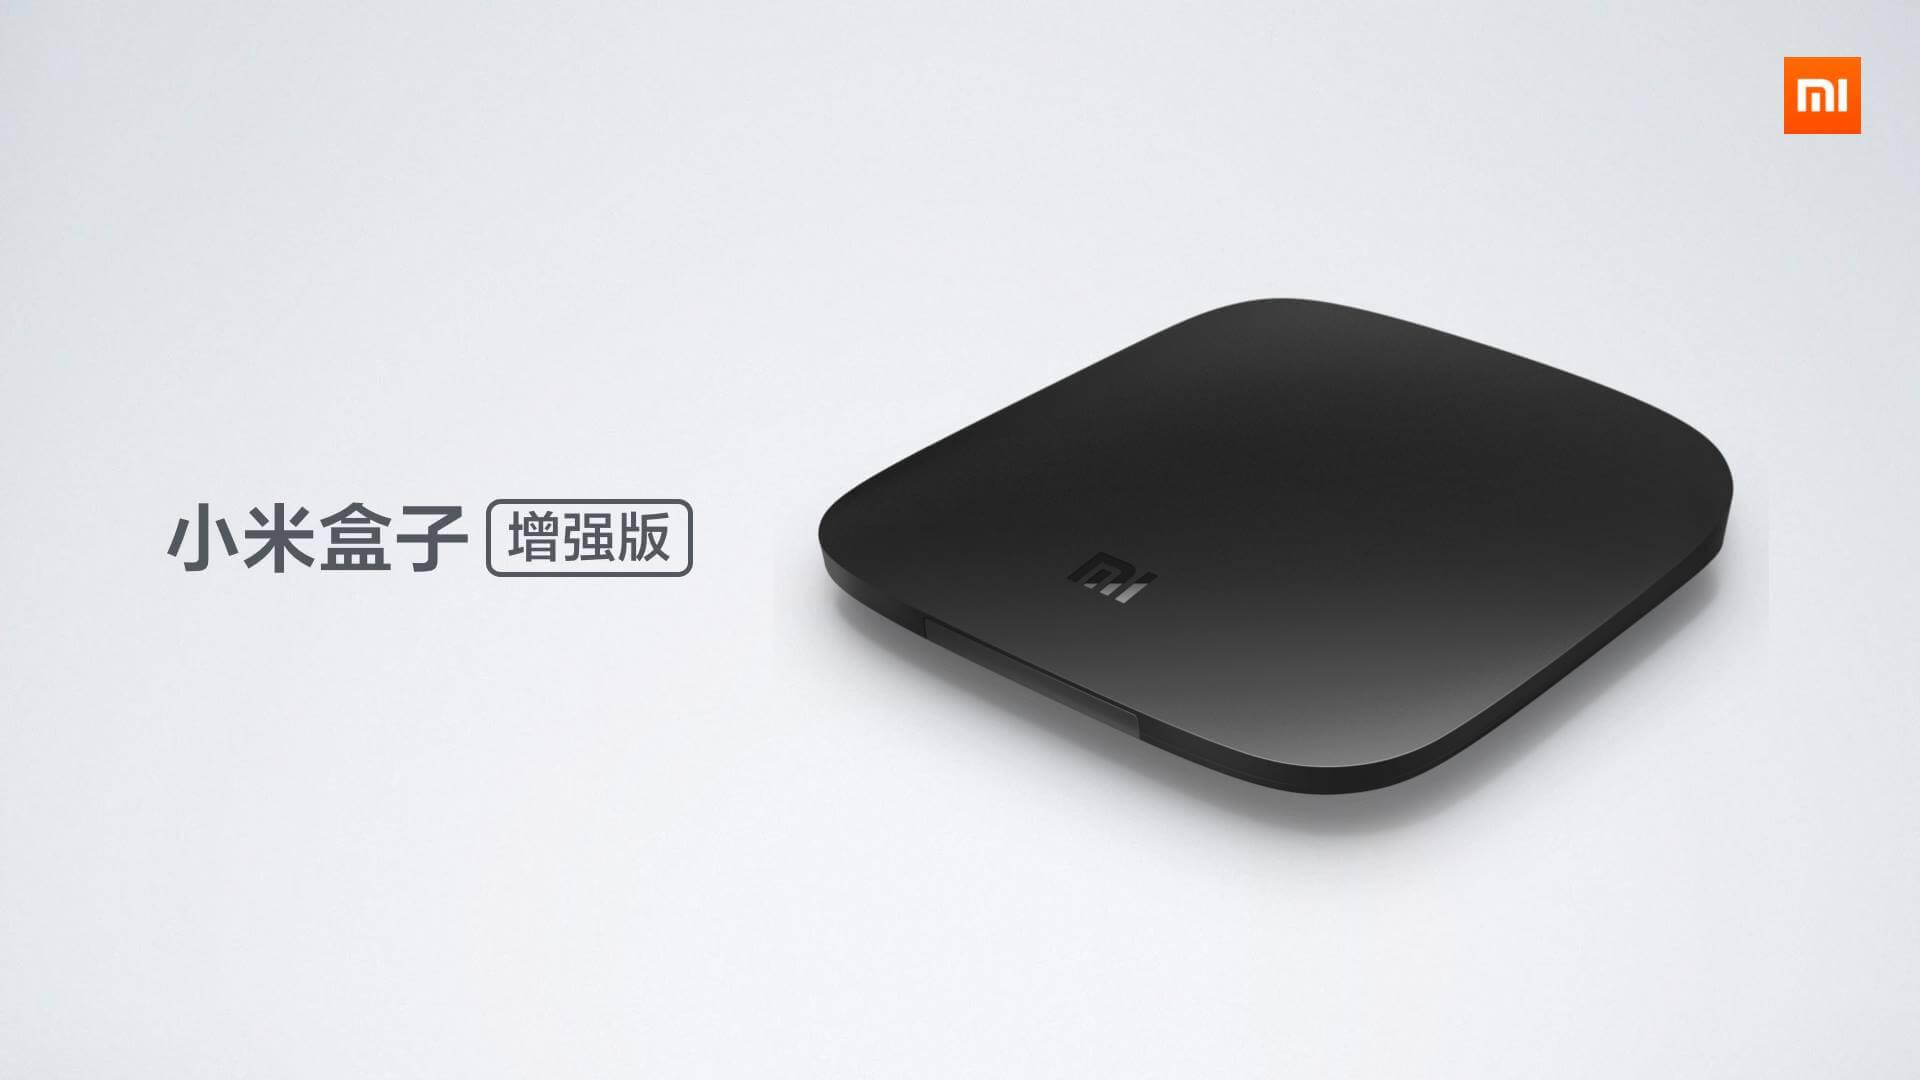 xiaomi-mi-box-release-date-price